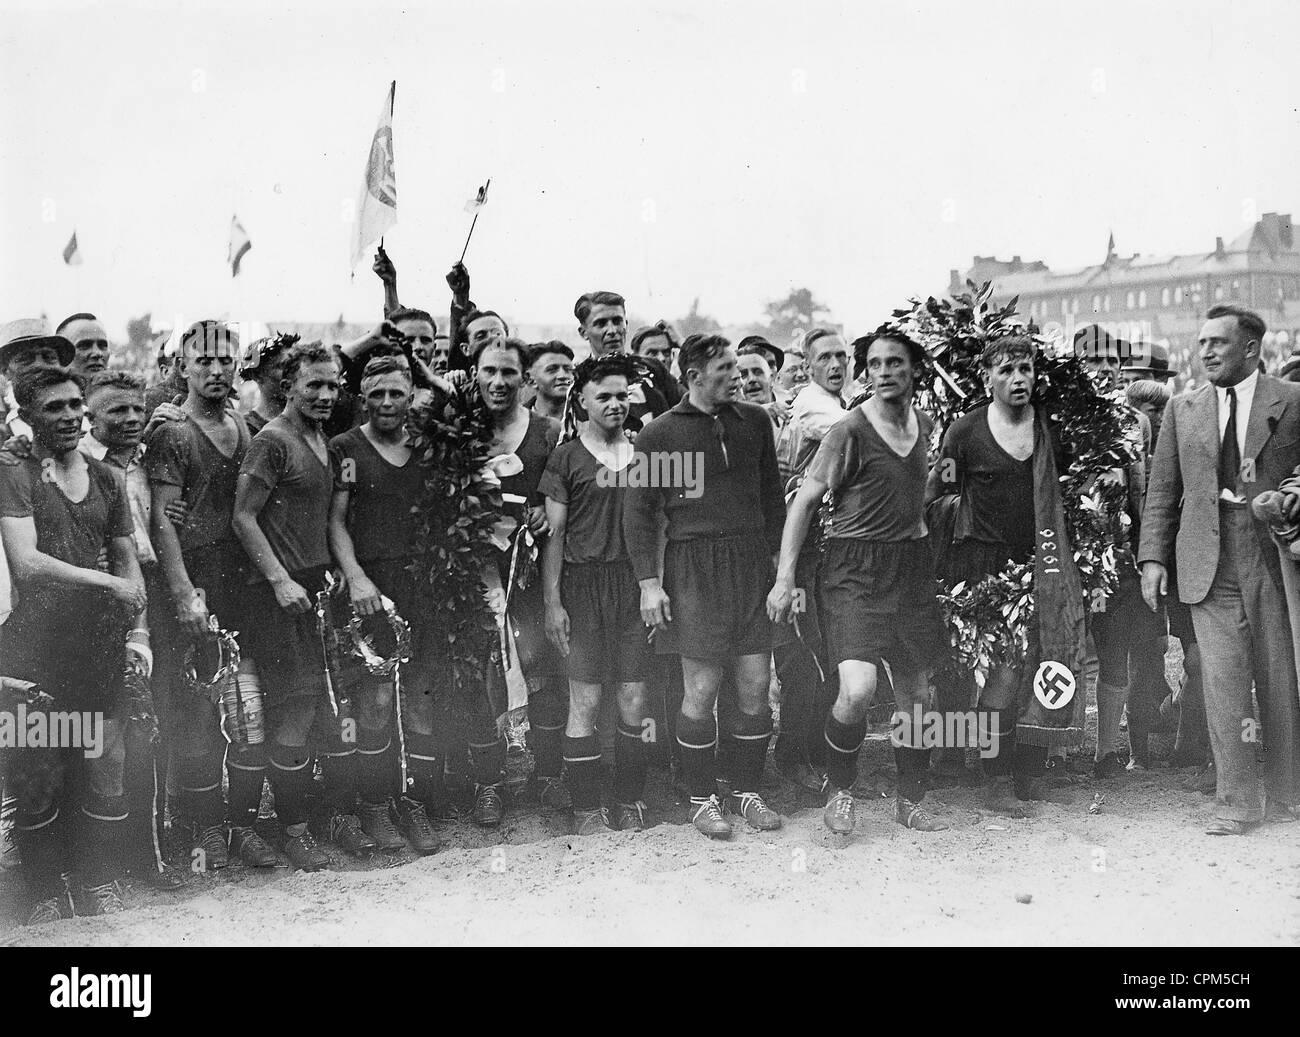 Der 1. FC Nürnberg gewann die Deutsche Fußballmeisterschaft 1936 Stockbild